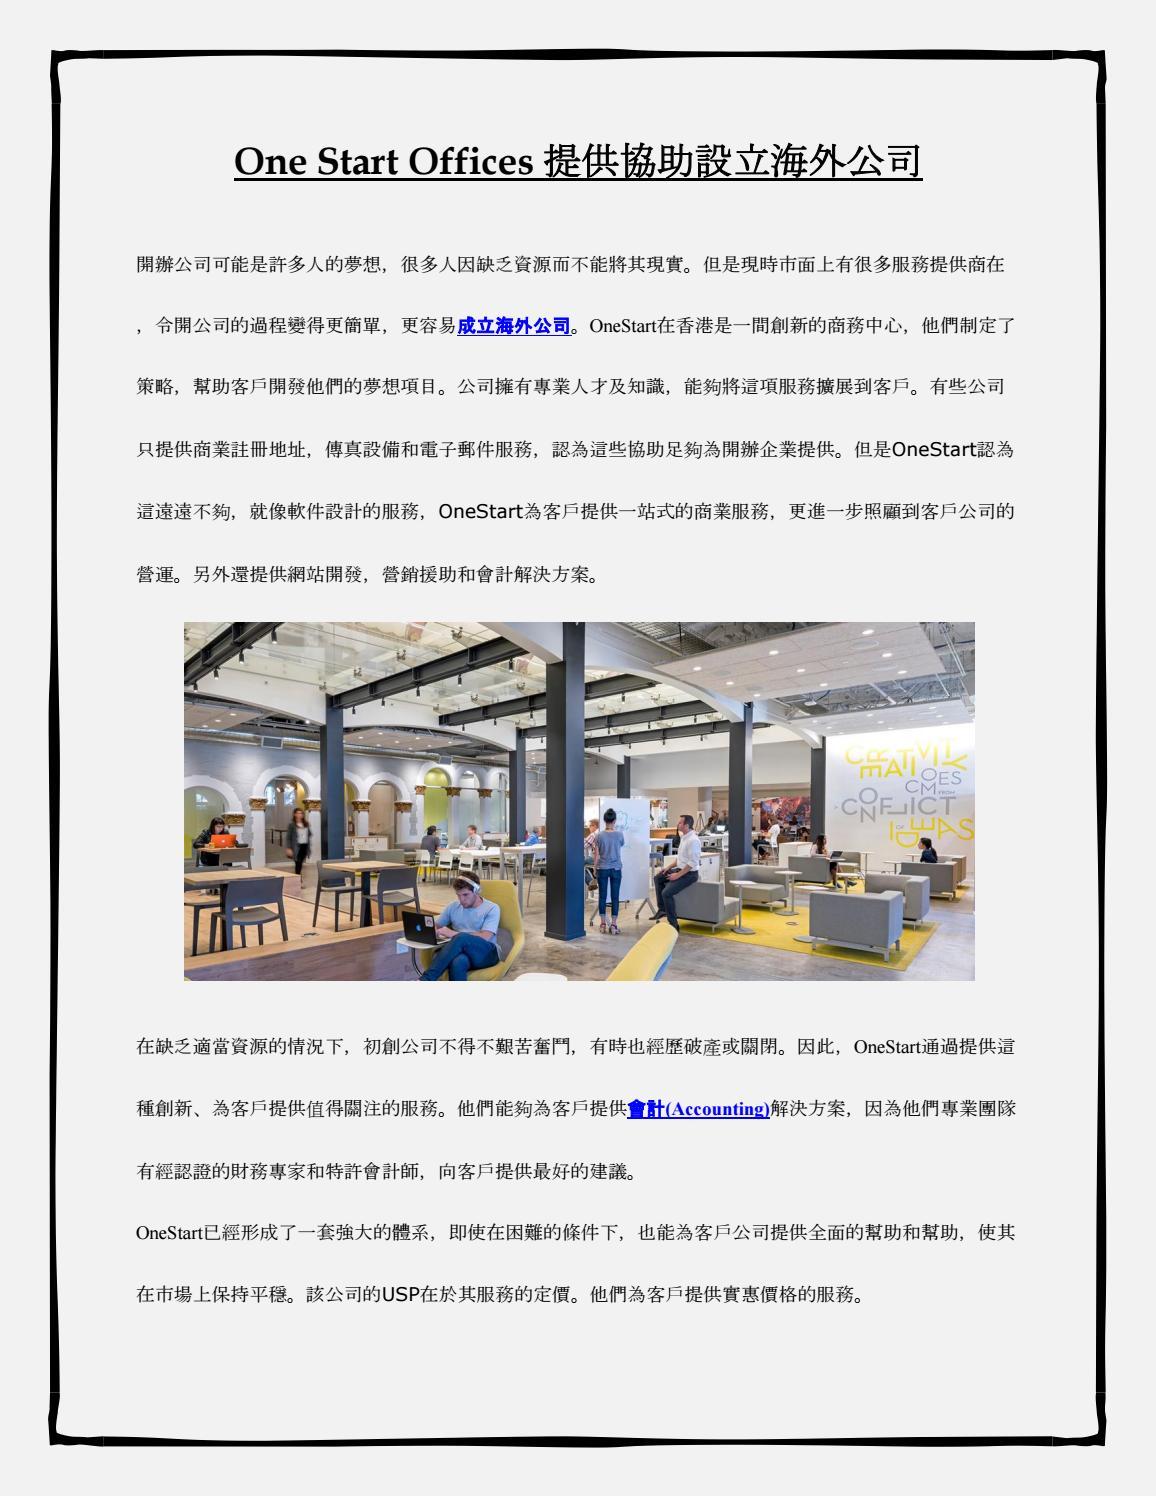 One start offices 提供協助設立海外公司